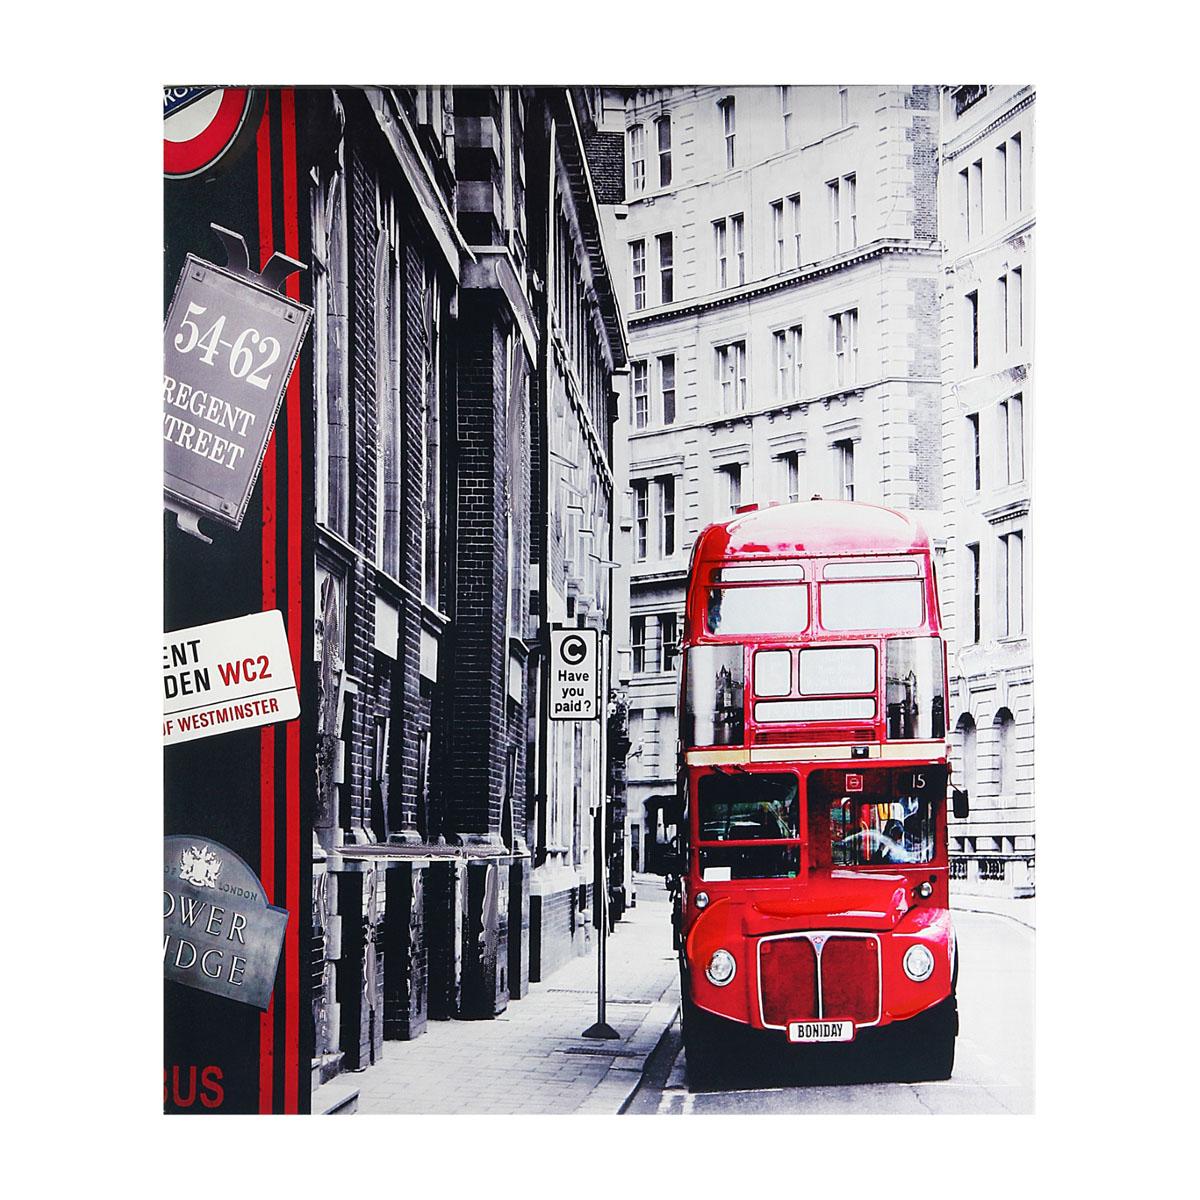 Картина на холсте Sima-land Красный автобус, 50 см х 40 смAL-022Картина Sima-land Красный автобус написана на холсте. На картине изображены черно-белые здания и красный автобус. Особое объемное изображение придает картине акрил, который нанесен поверх изображения. Картина на холсте акрилом - это классика современного живописного искусства. Картины акрилом всегда сохраняют яркий блеск, что придает картине живость. Из мелочей складывается стиль интерьера.Картина на холсте Sima-land Красный автобус одна из тех деталей, которые придают дому обжитой вид и создают ощущение уюта.